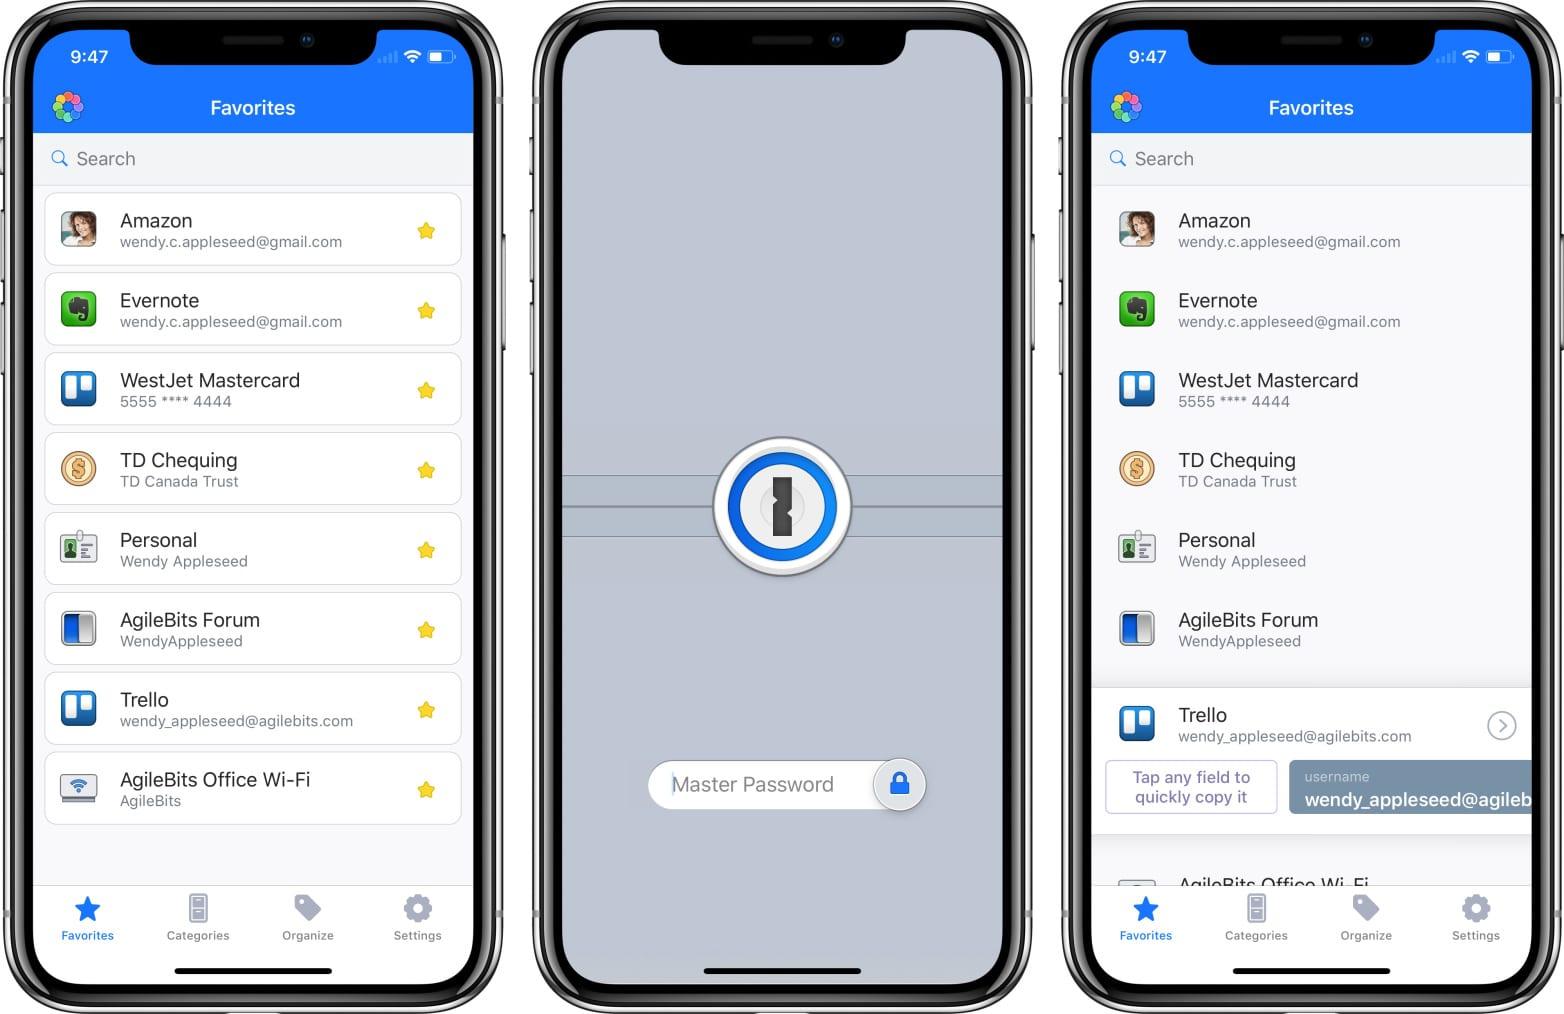 agilebits 1password apple iphone x - Apple ponúkne program 1Password všetkým svojim zamestnancom, hovorilo sa aj o akvizícii